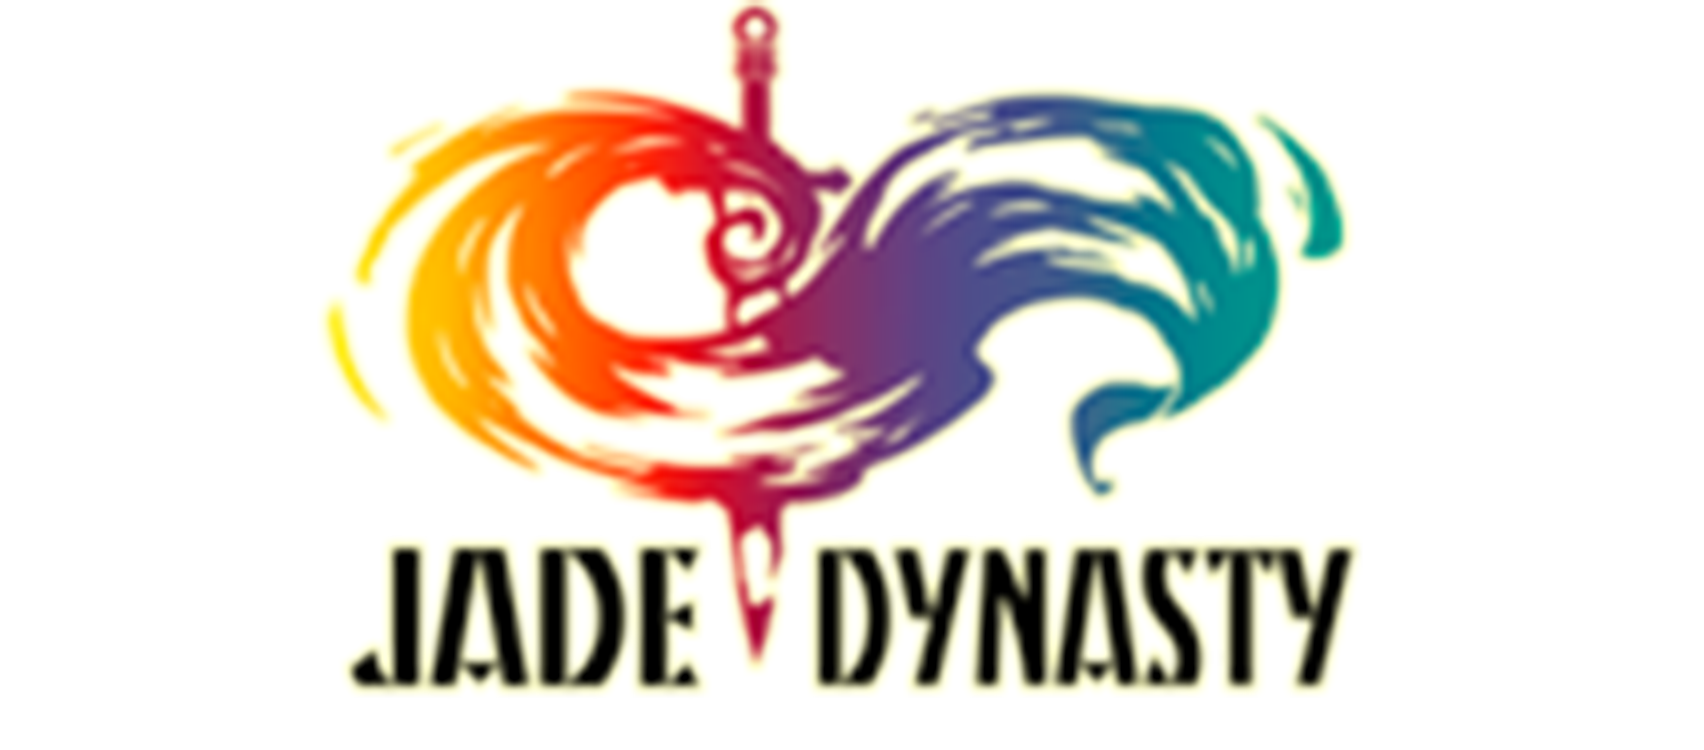 Jade Dynasty  (lg)